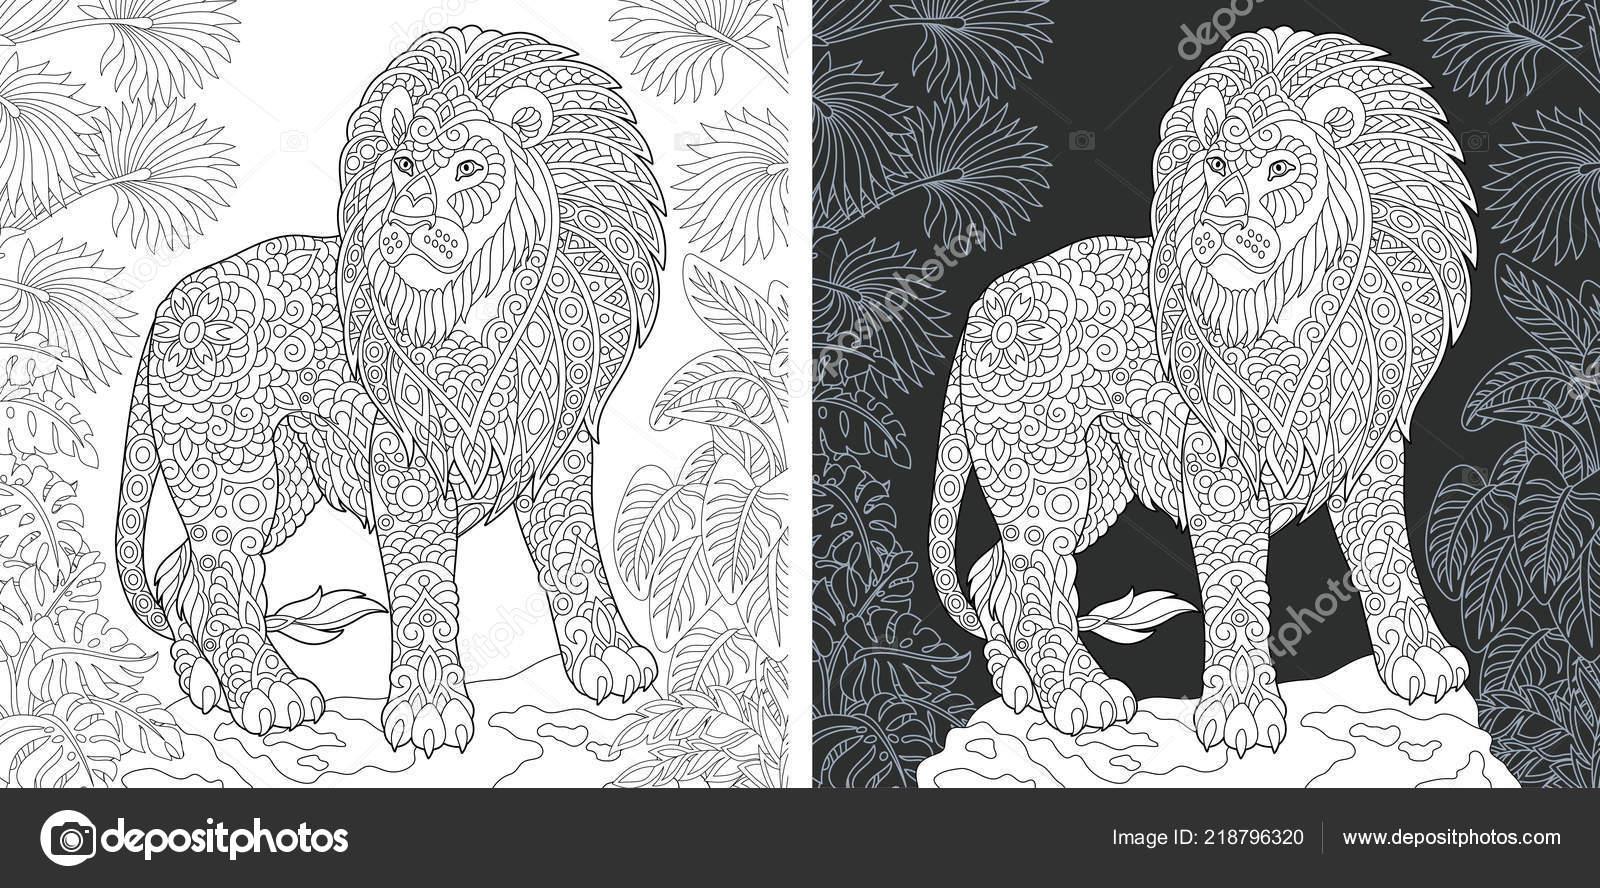 Tier Malvorlagen Malbuch Ausmalbild Mit Löwen Zentangle Stil